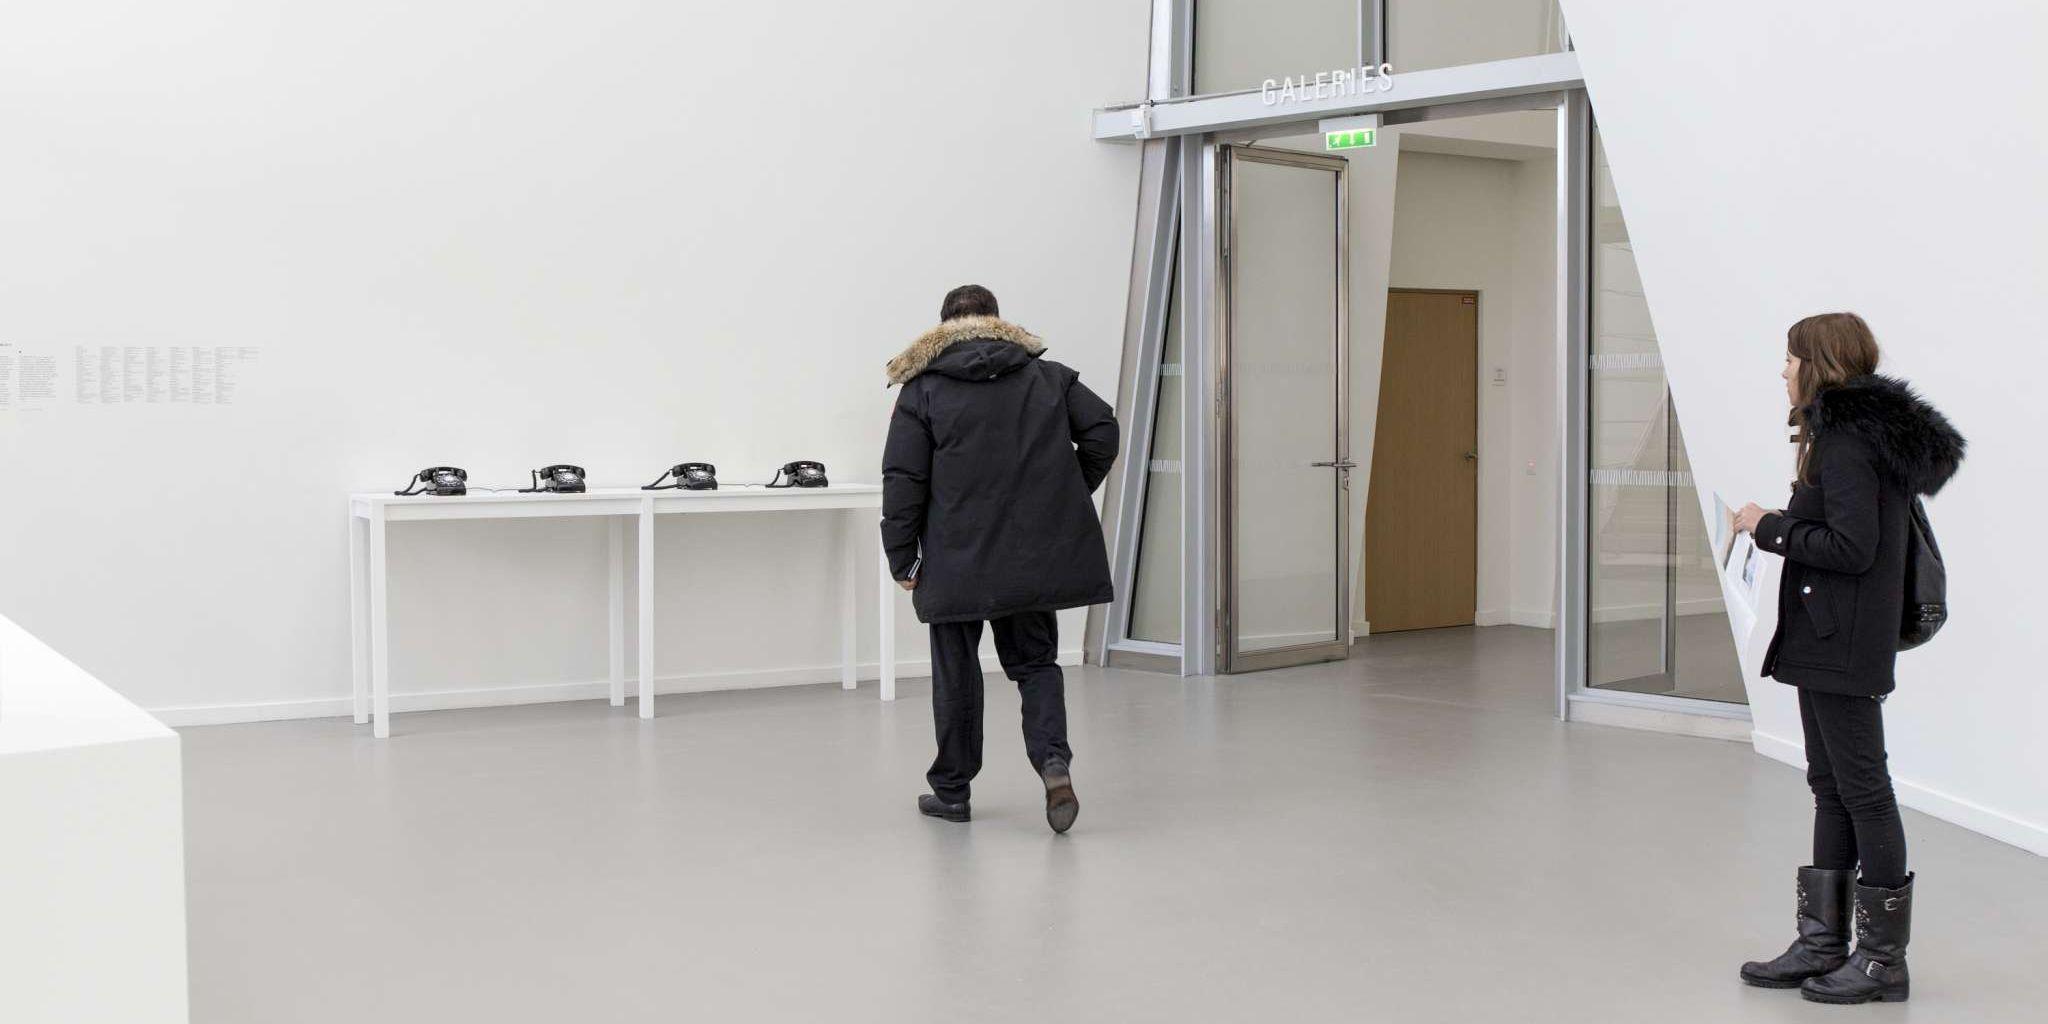 John Giorno, Dial-a-poem (1968-2012; quattro telefoni ognuno contenente registrazioni di 80 poeti che leggono 200 poesie proposte in maniera casuale all'ascoltatore, 22 x 26 x 12 cm ciascuno; Parigi, Fondation Louis Vuitton). © John Giorno - Photo Fondation Louis Vuitton / Félix Cornu